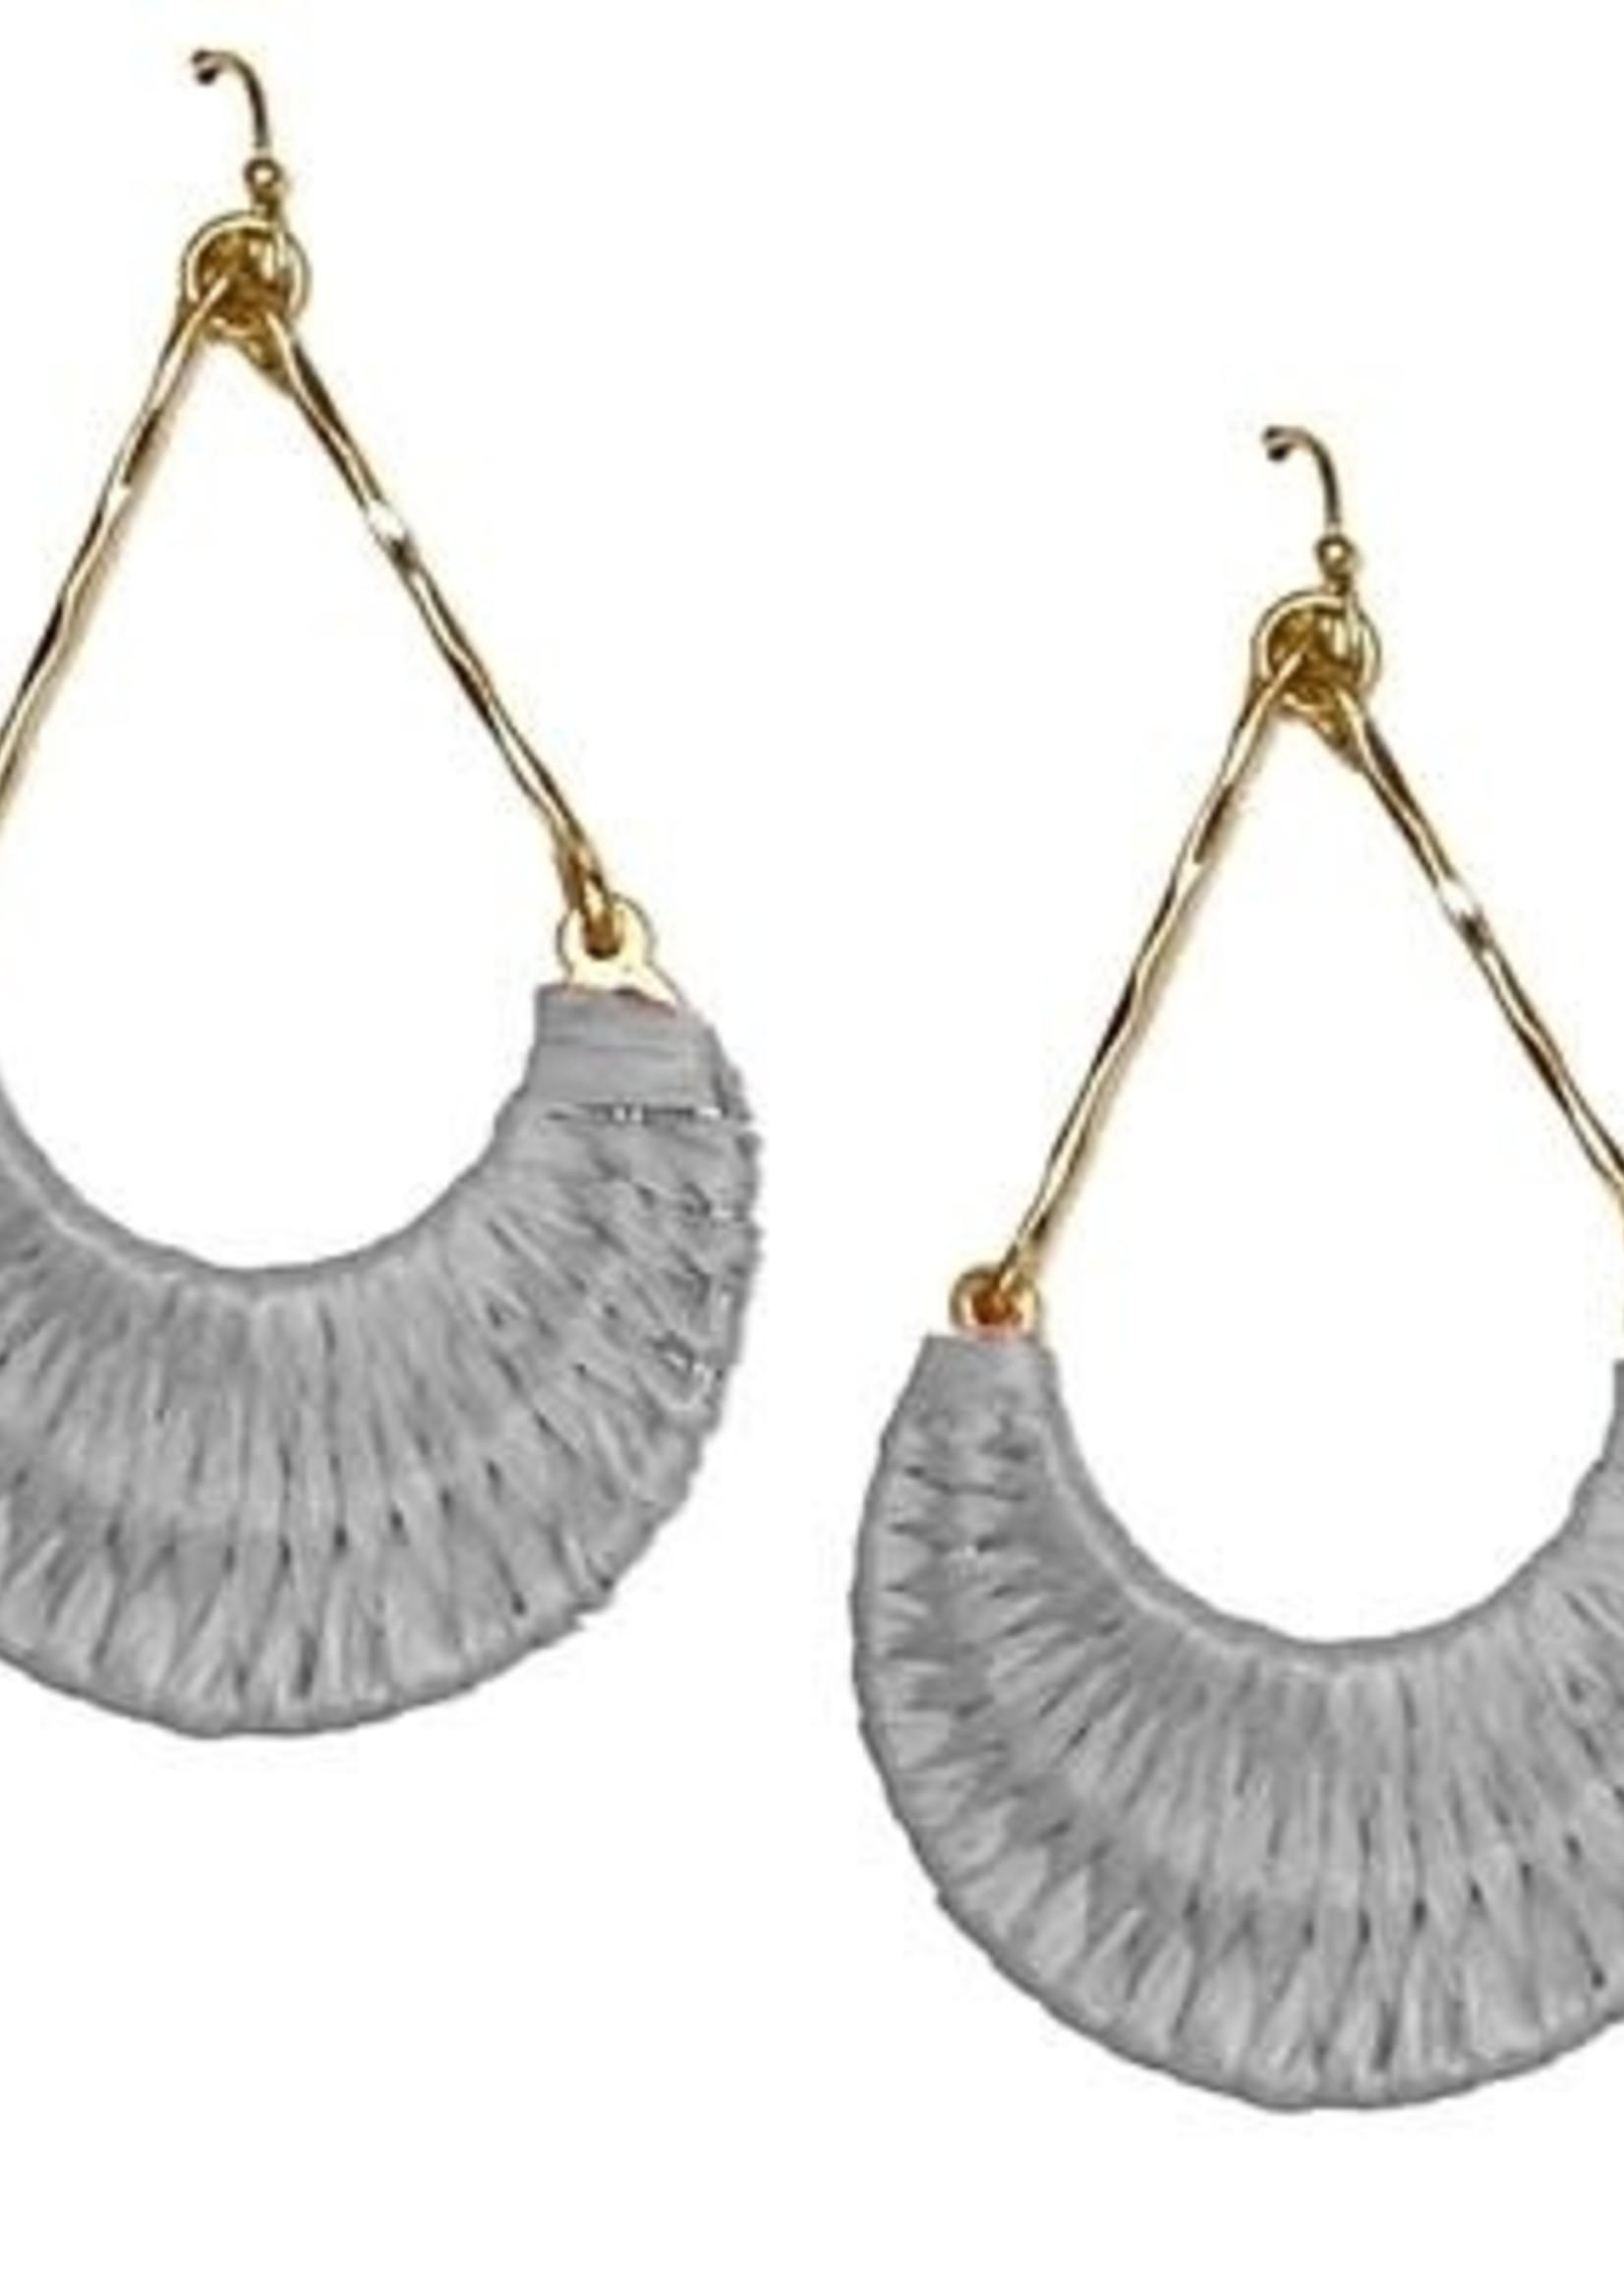 Gold Woven Rattan Teardrop Earrings